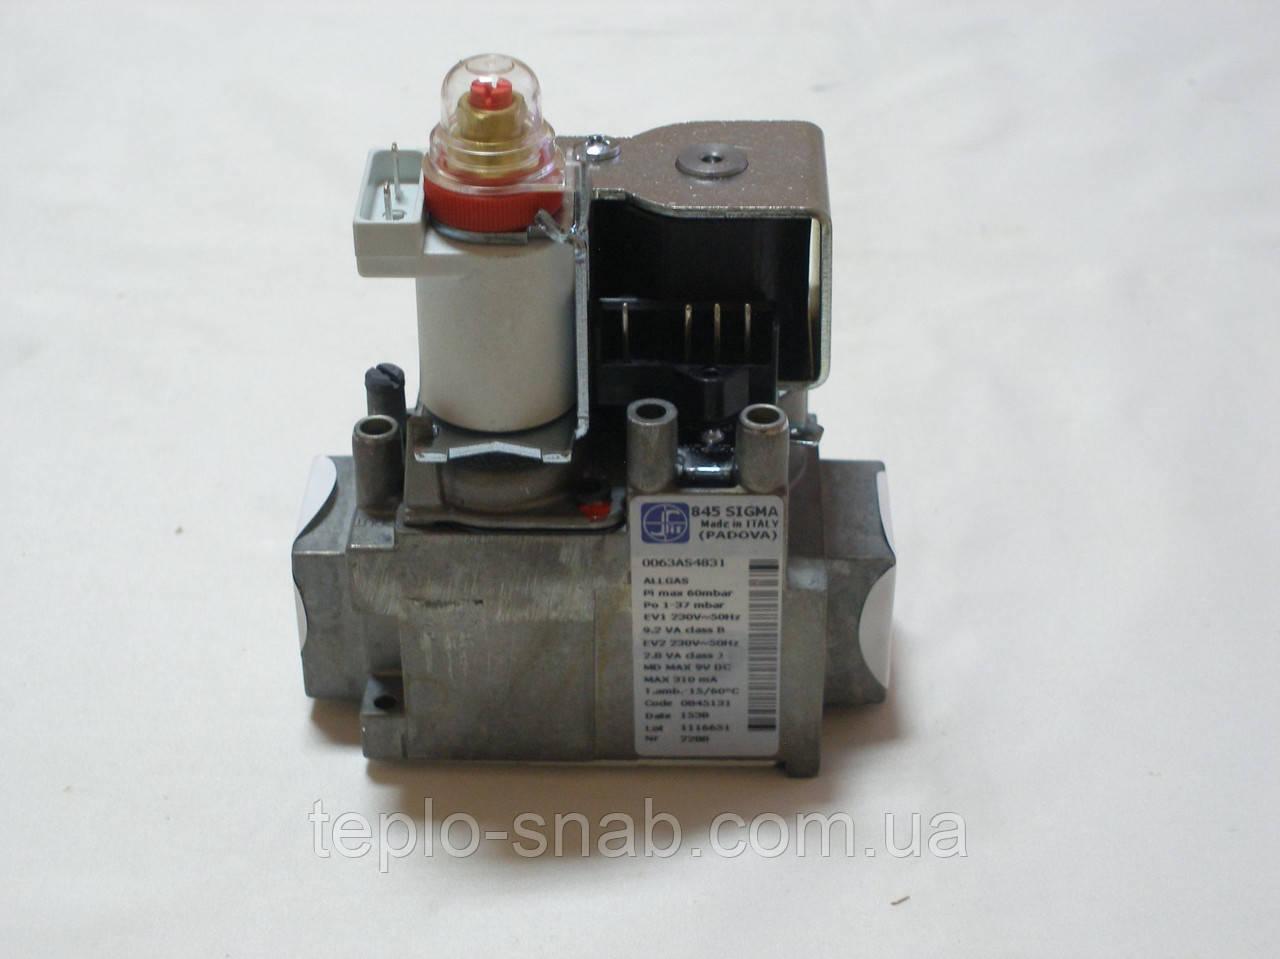 Газовый клапан Sit Sigma 845 048 газового напольного котла Baxi Slim, ECO-3 . 5653610.